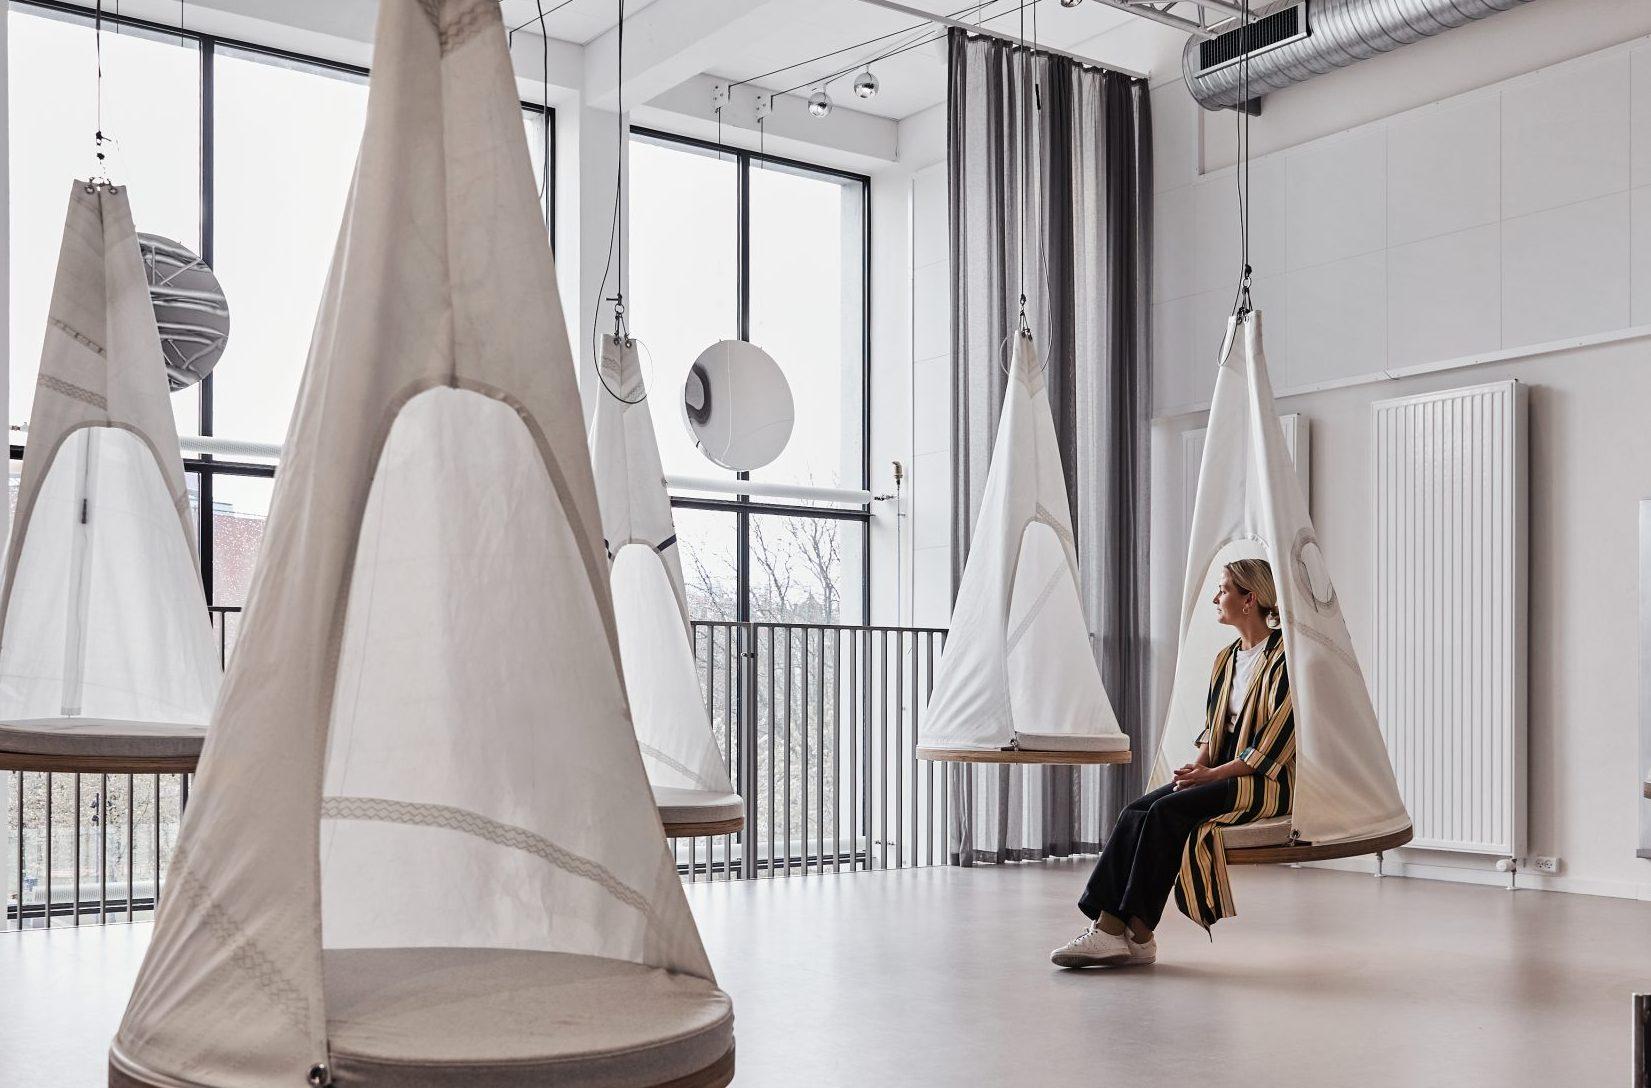 Brøchner Hotels åbnede i starten af sidste måned sit første overnatningssted udenfor København. Det store design hostel Book1 i Aarhus har 452 senge fordelt på syv værelsestyper, herunder sovesale (dorms) kun for kvinder. Pressefoto: Brøchner Hotels.